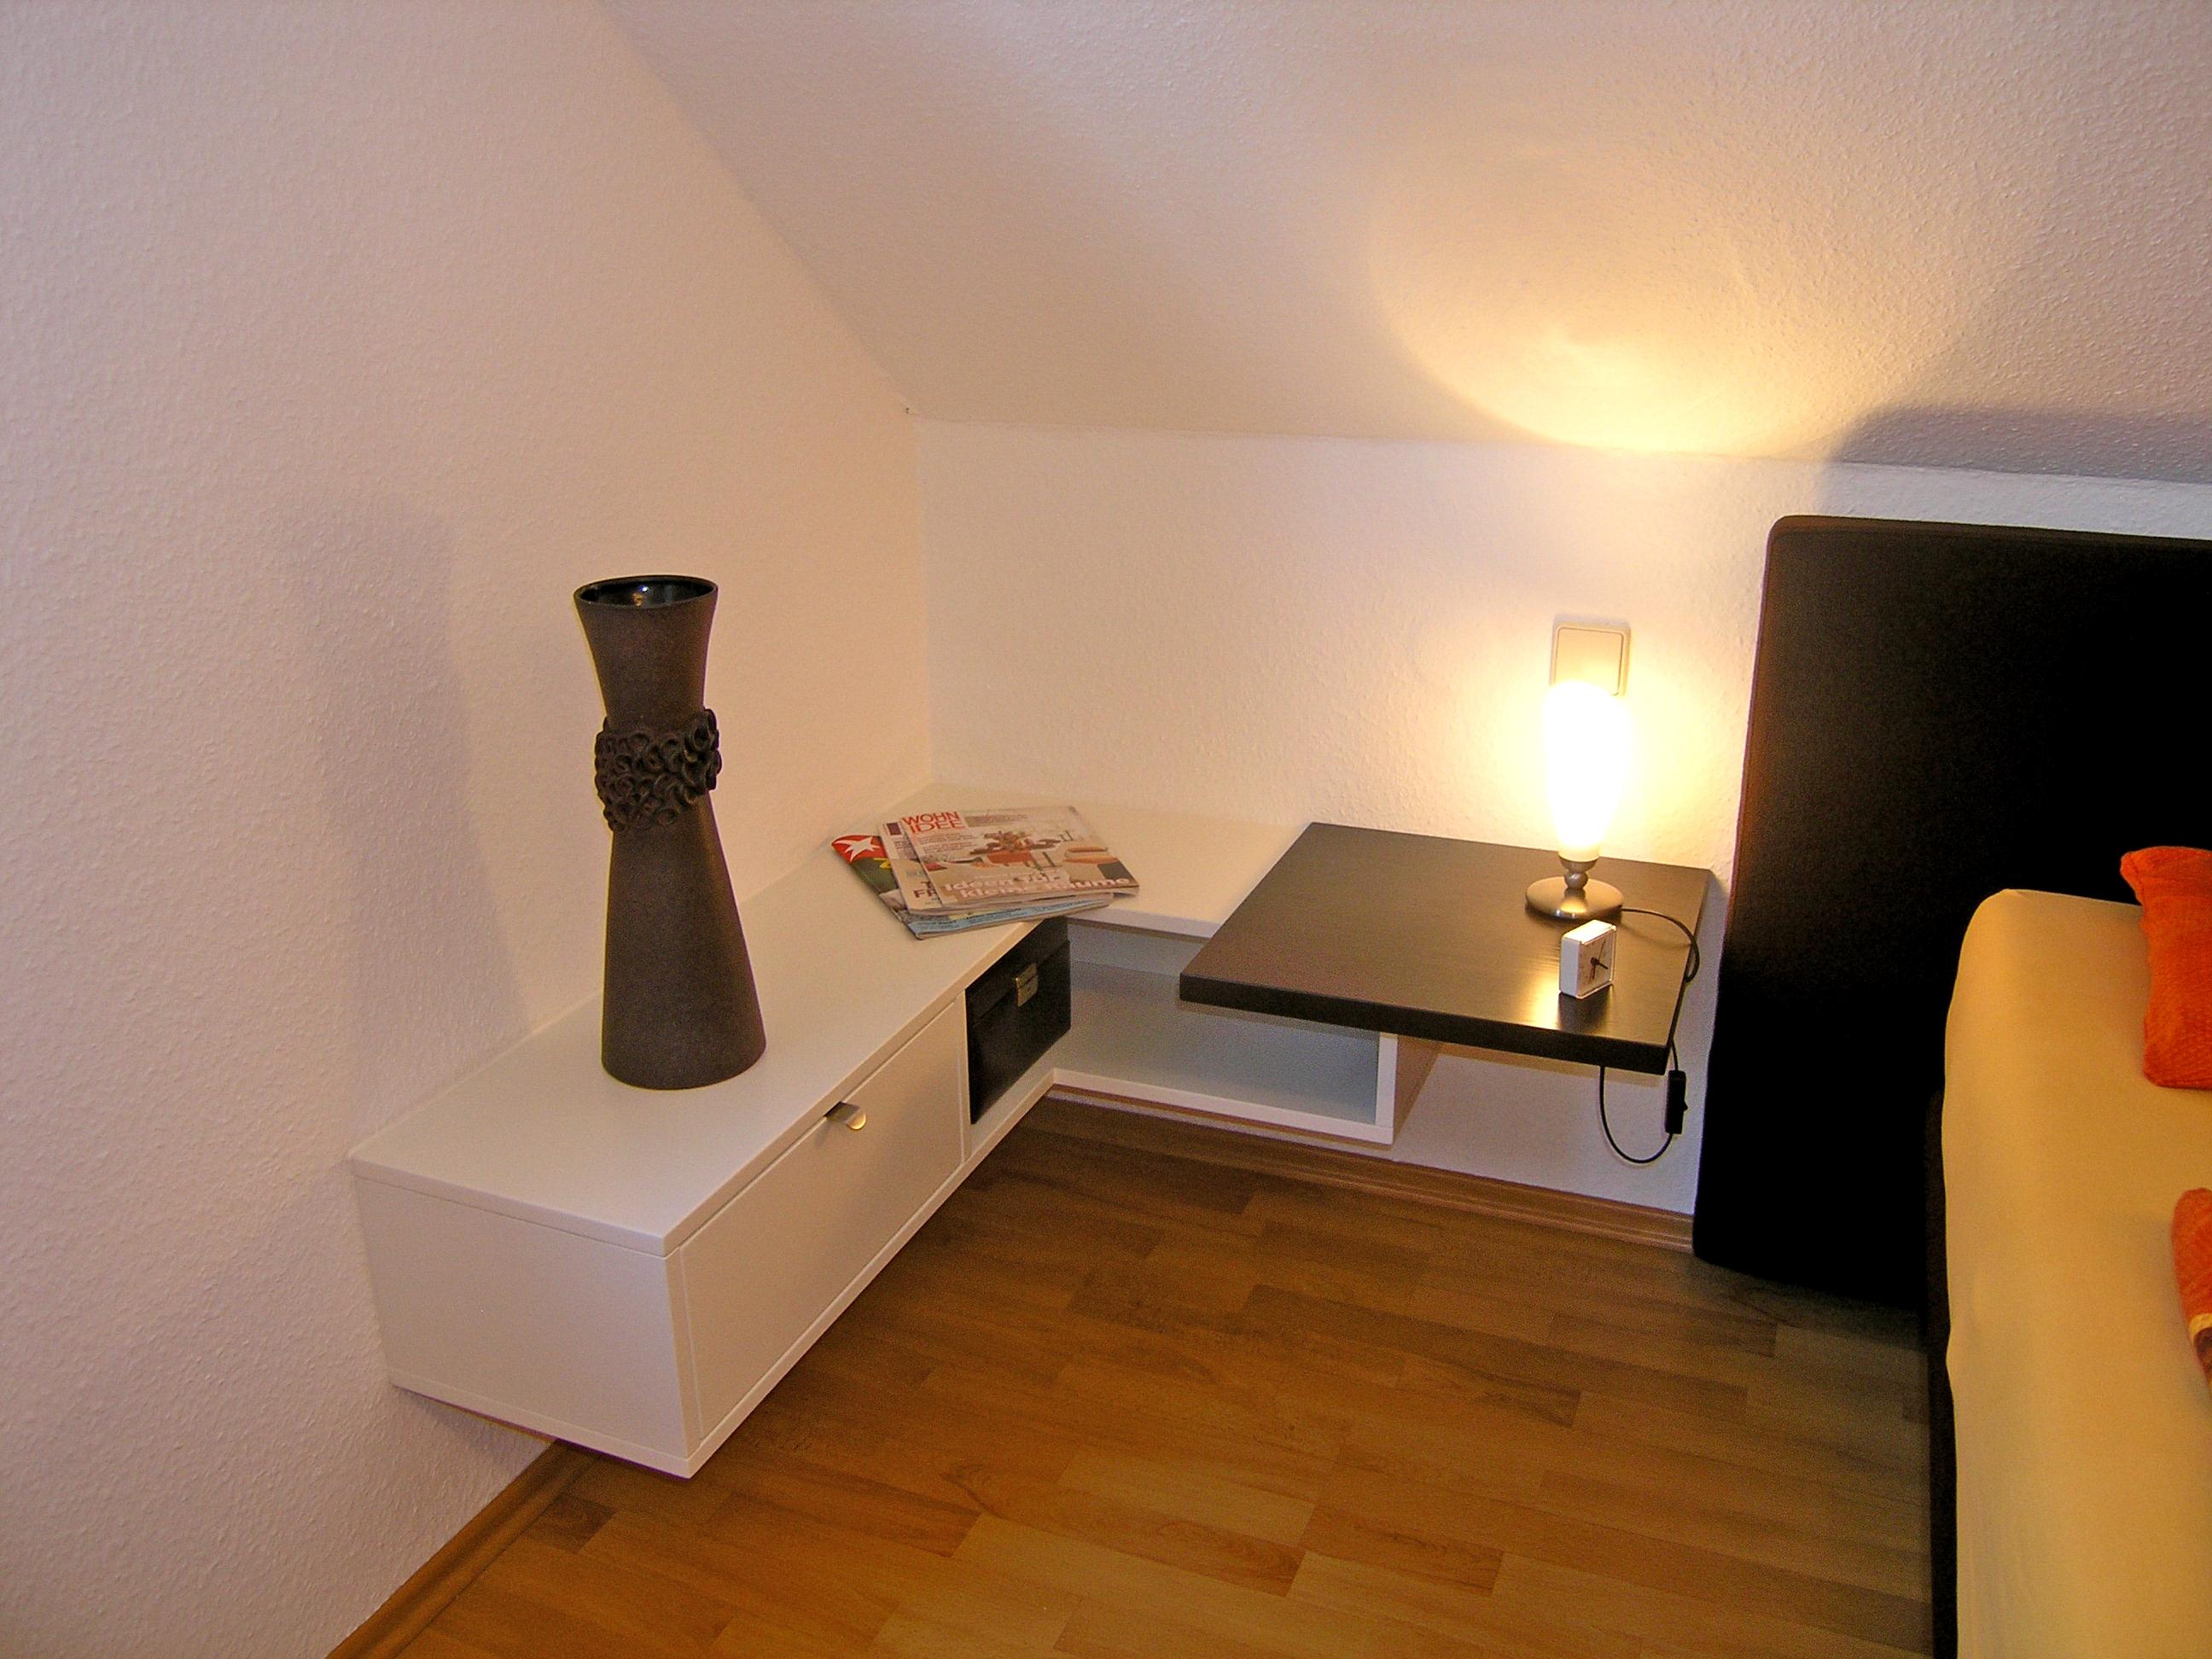 geschmackvoll schreiner aus sulzbach mit schlafzimmerdesign in weiss. Black Bedroom Furniture Sets. Home Design Ideas